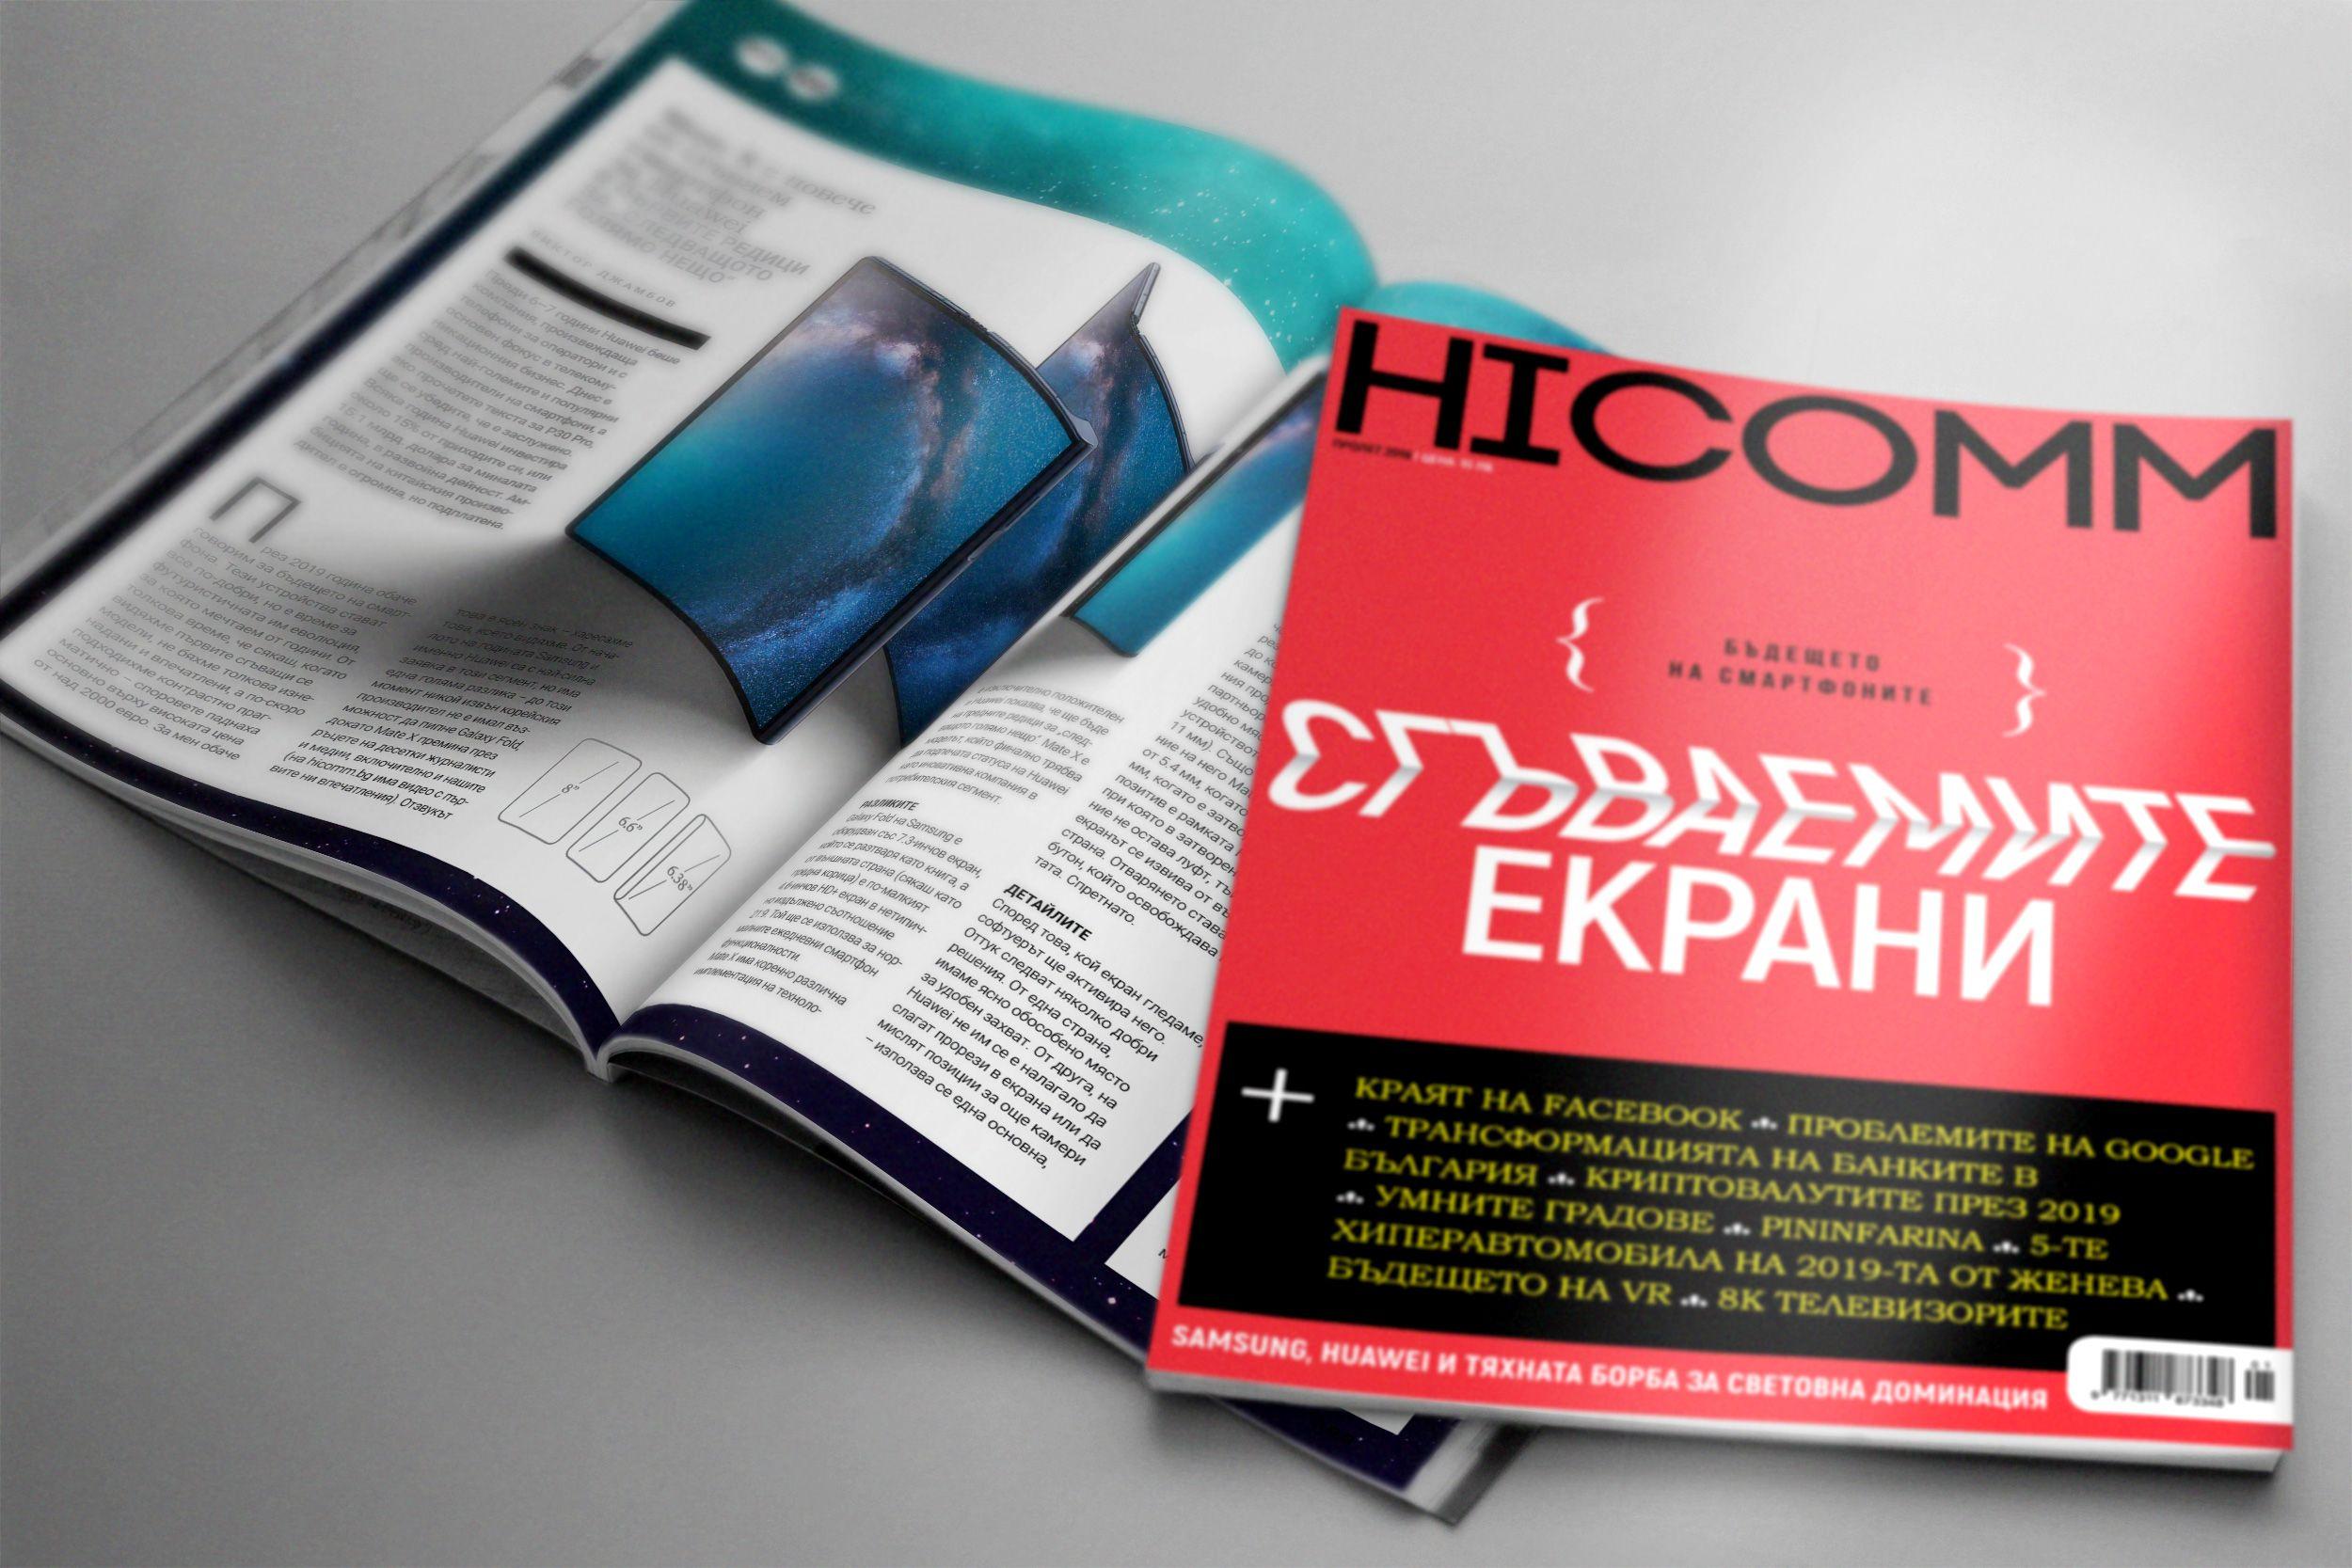 HiComm Пролет 2019: Списание за нови технологии и комуникации - брой 211 - 4